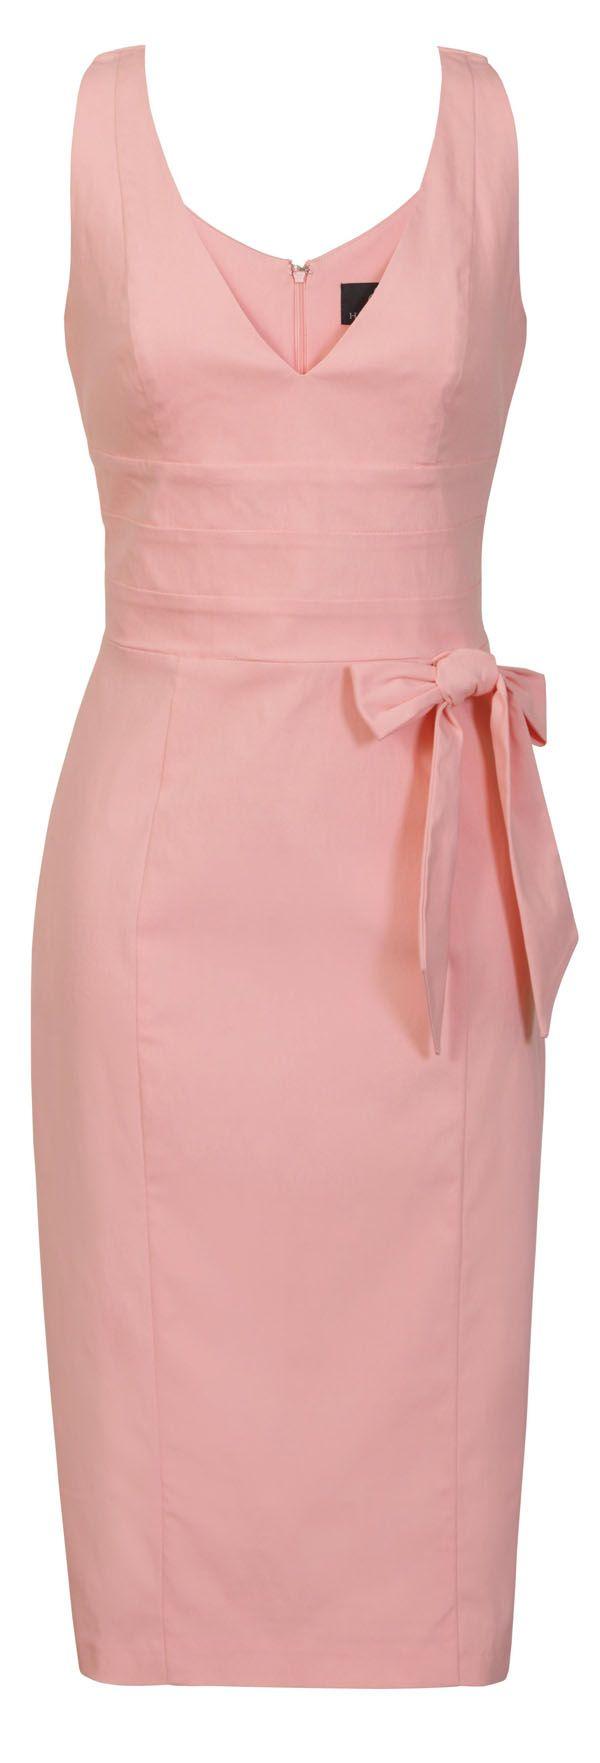 Pin de Selma en linda rosa   Pinterest   Vestiditos, Moda para mujer ...